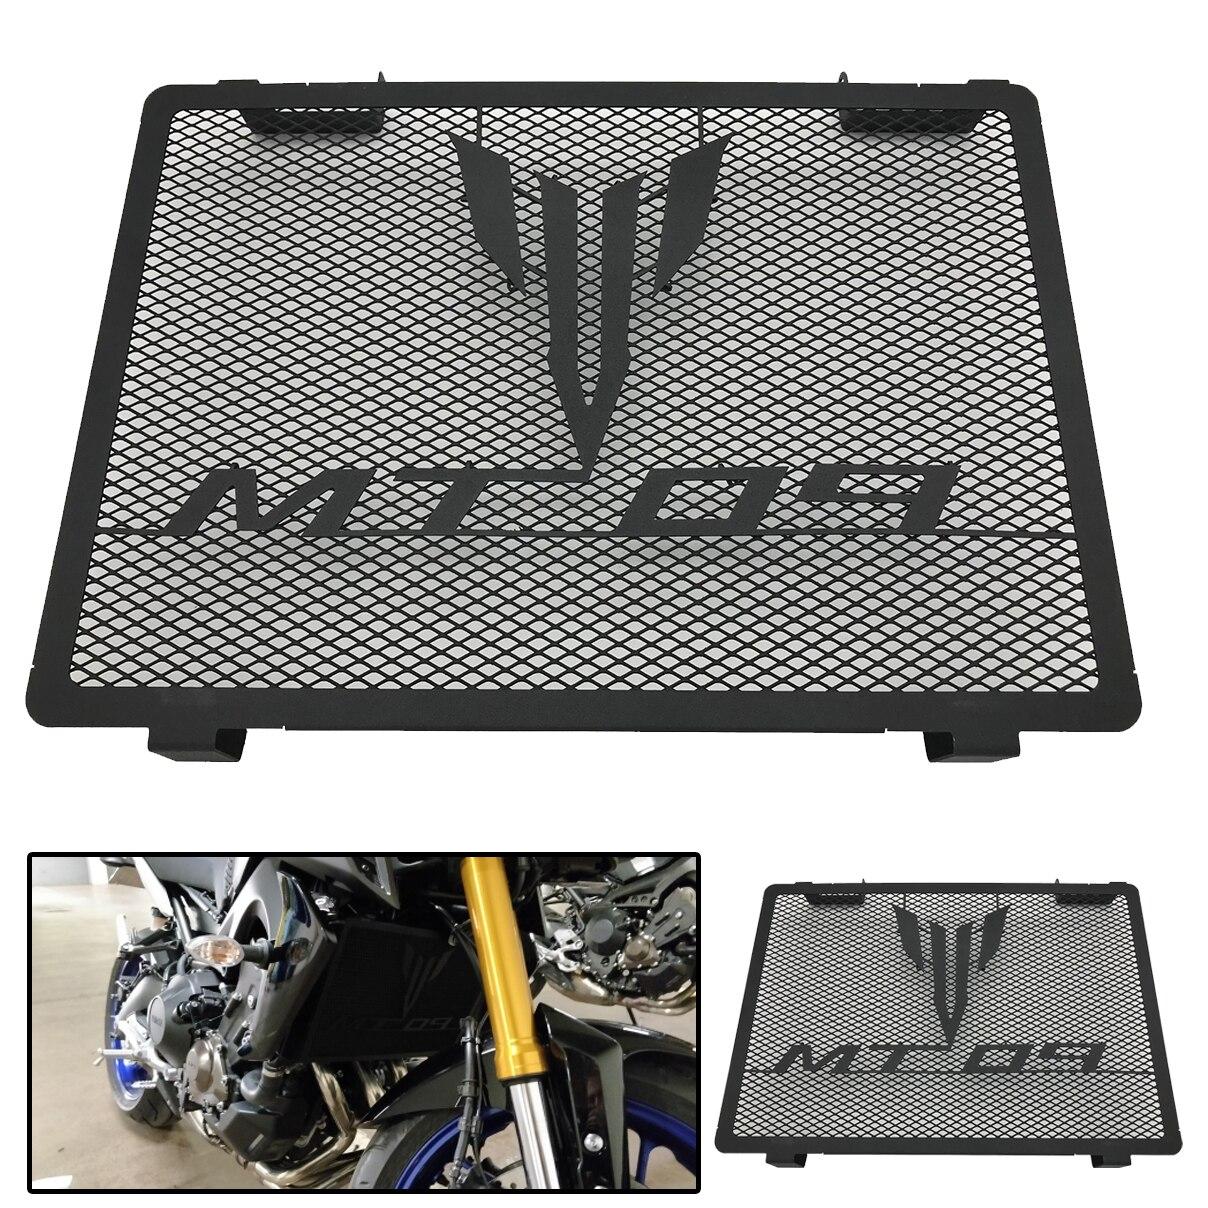 XSR 900 Accessori Motociclo Griglia Radiatore Lega di Alluminio per Yamaha XSR 900 XSR900 2016 2017 2018